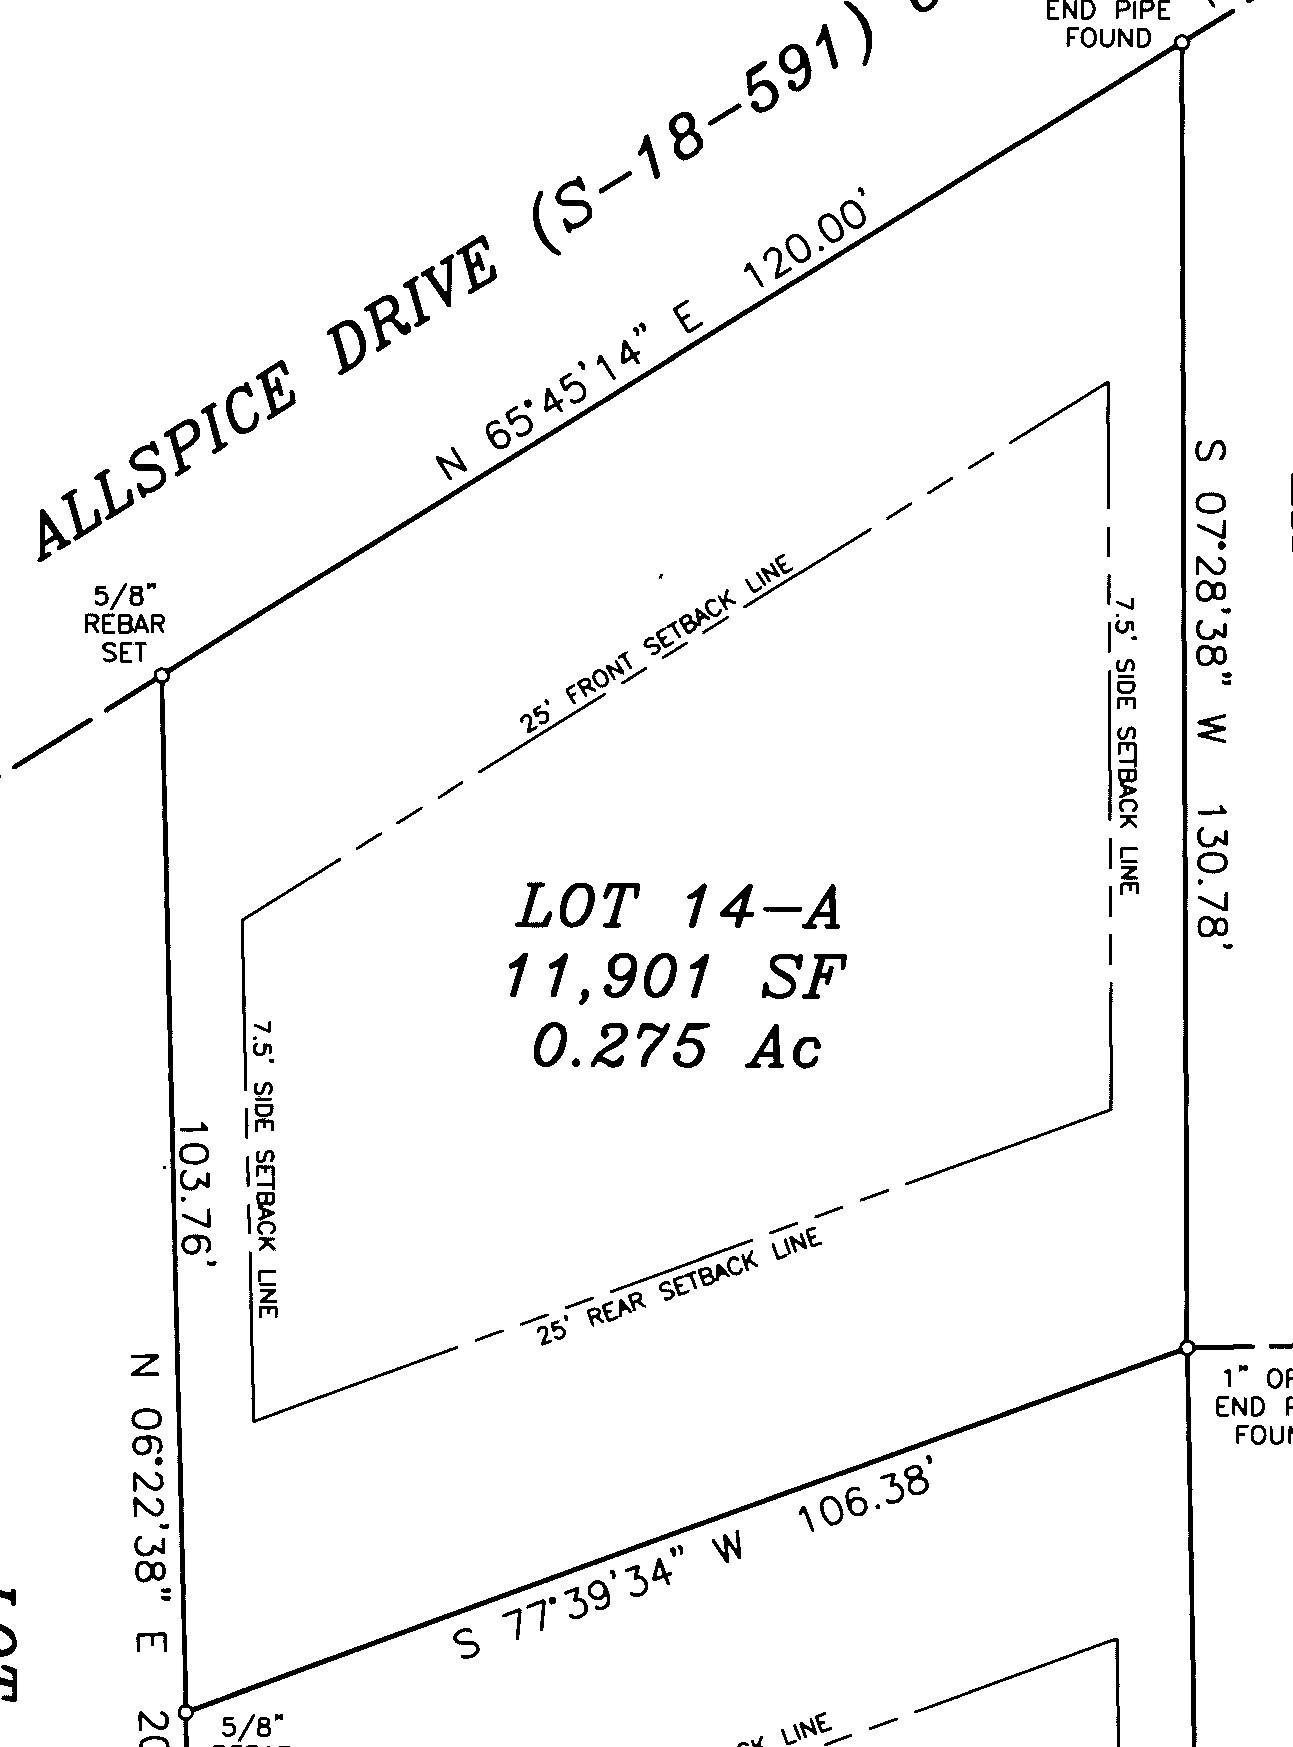 00 Allspice Drive Summerville, SC 29483